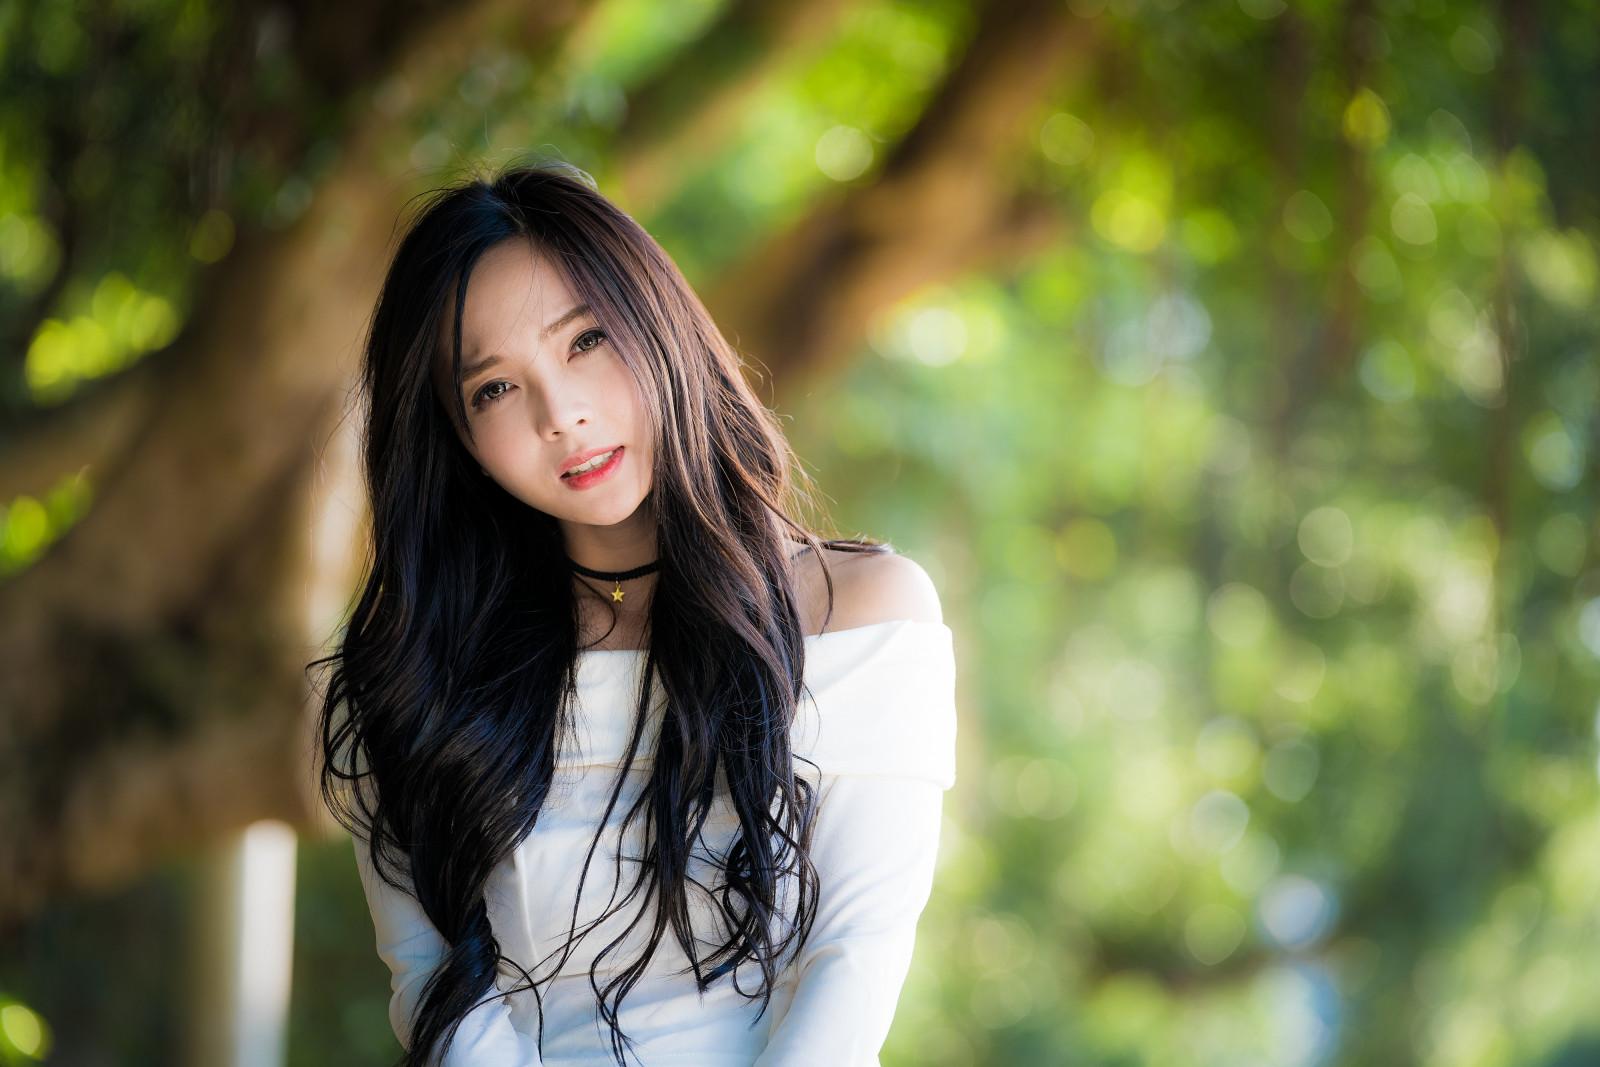 фото молодых азиатов это